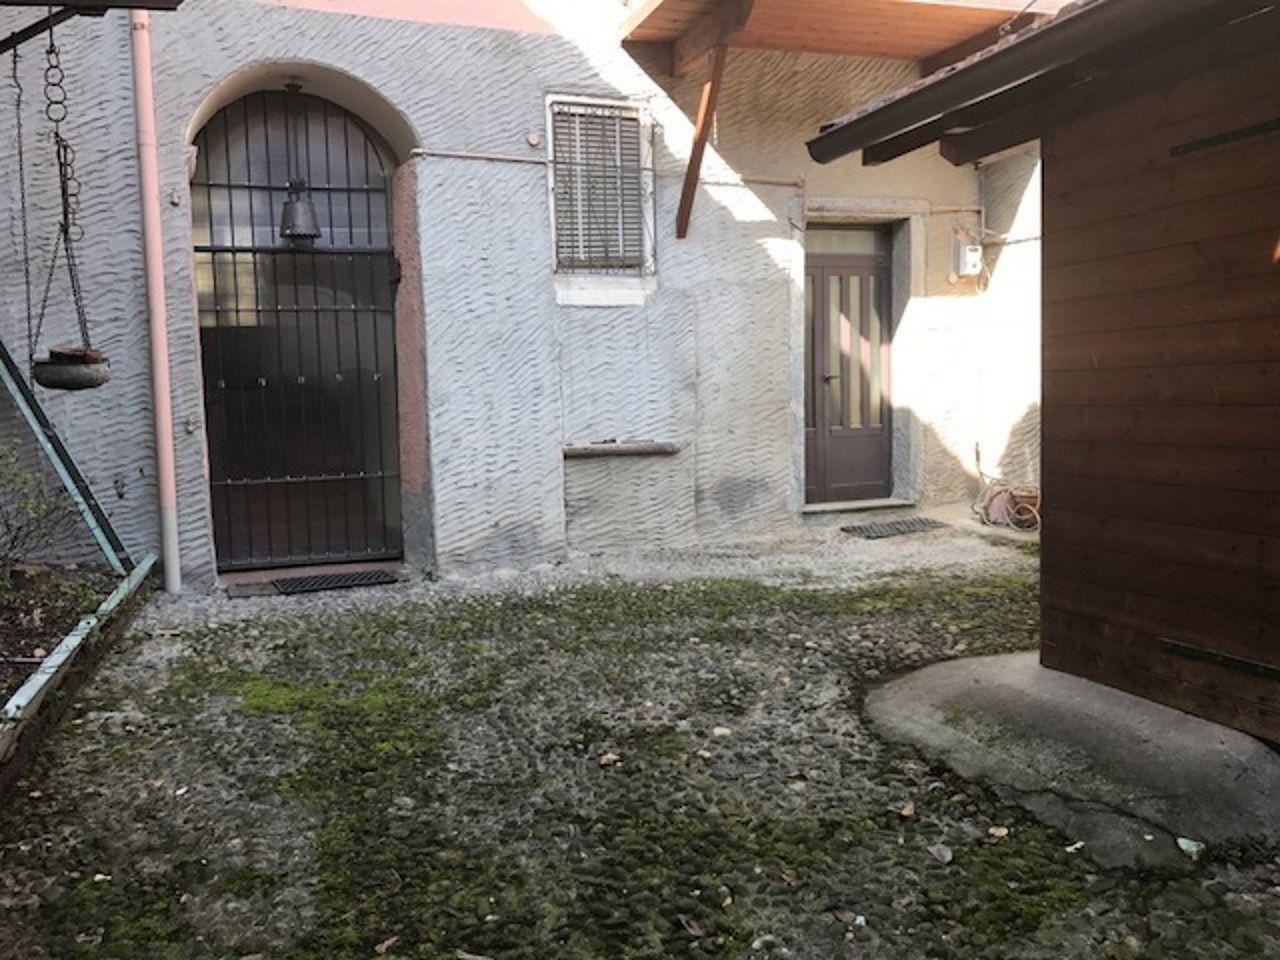 Verbania Suna Casa 100mq 3 Camere Con Giardino E Garage